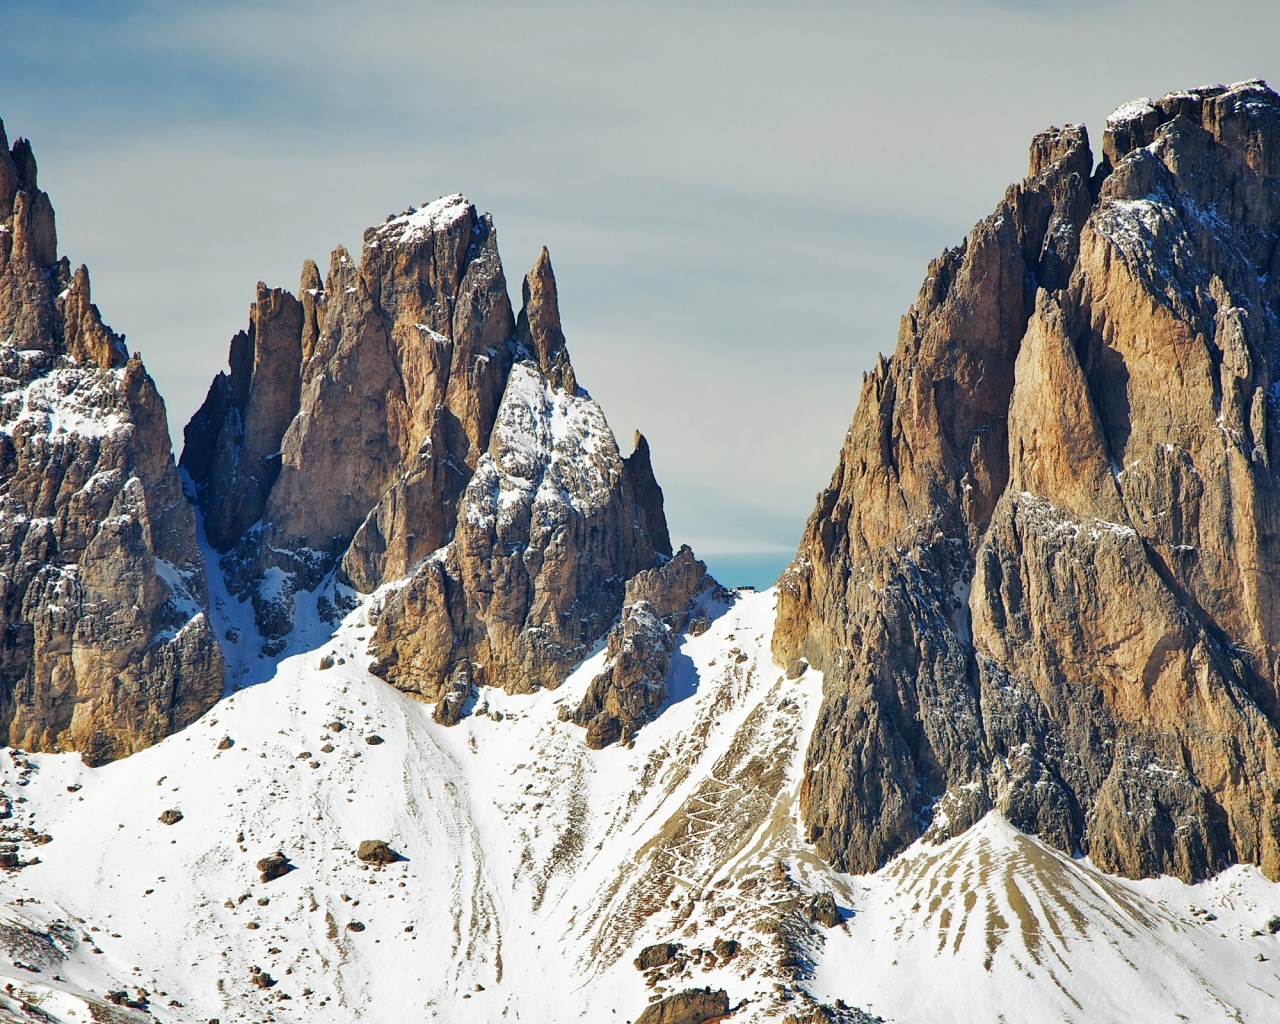 Montaña Nevada Hd: Montañas Cubiertas Por Nieve Hd 1280x1024